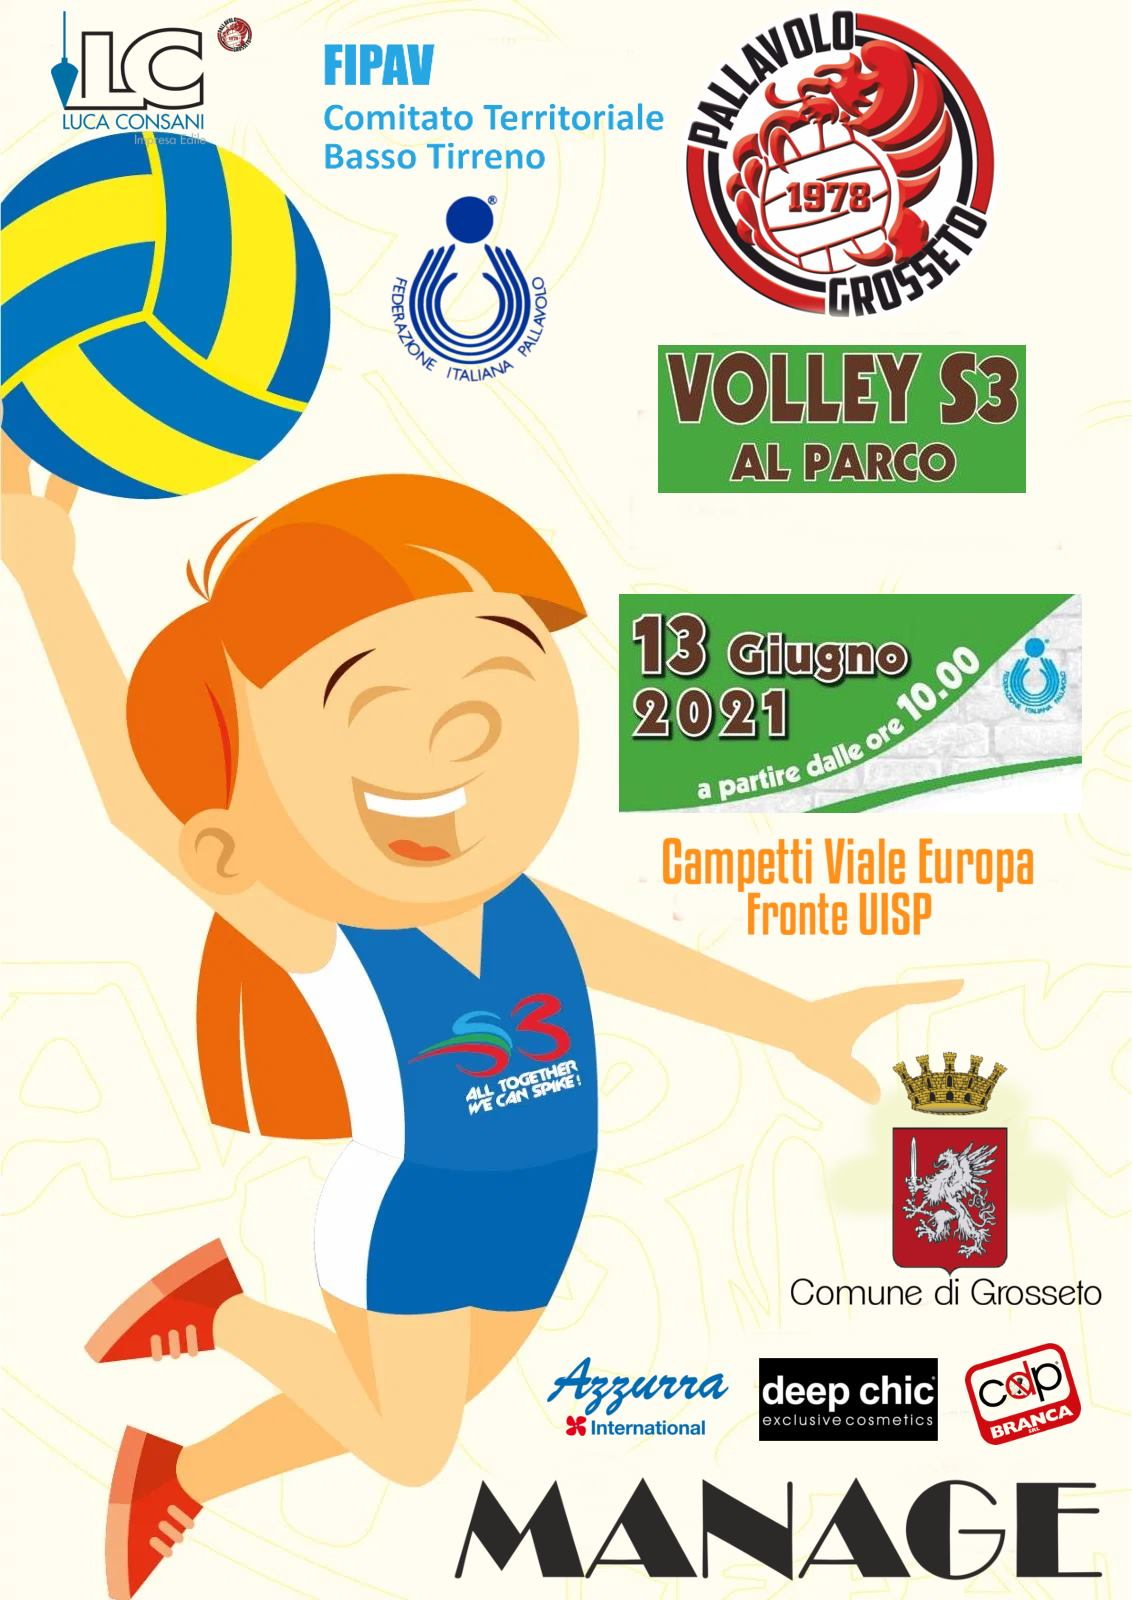 pallavolo-grosseto-1978-volley-s3-alparco-locandina-manifestazione